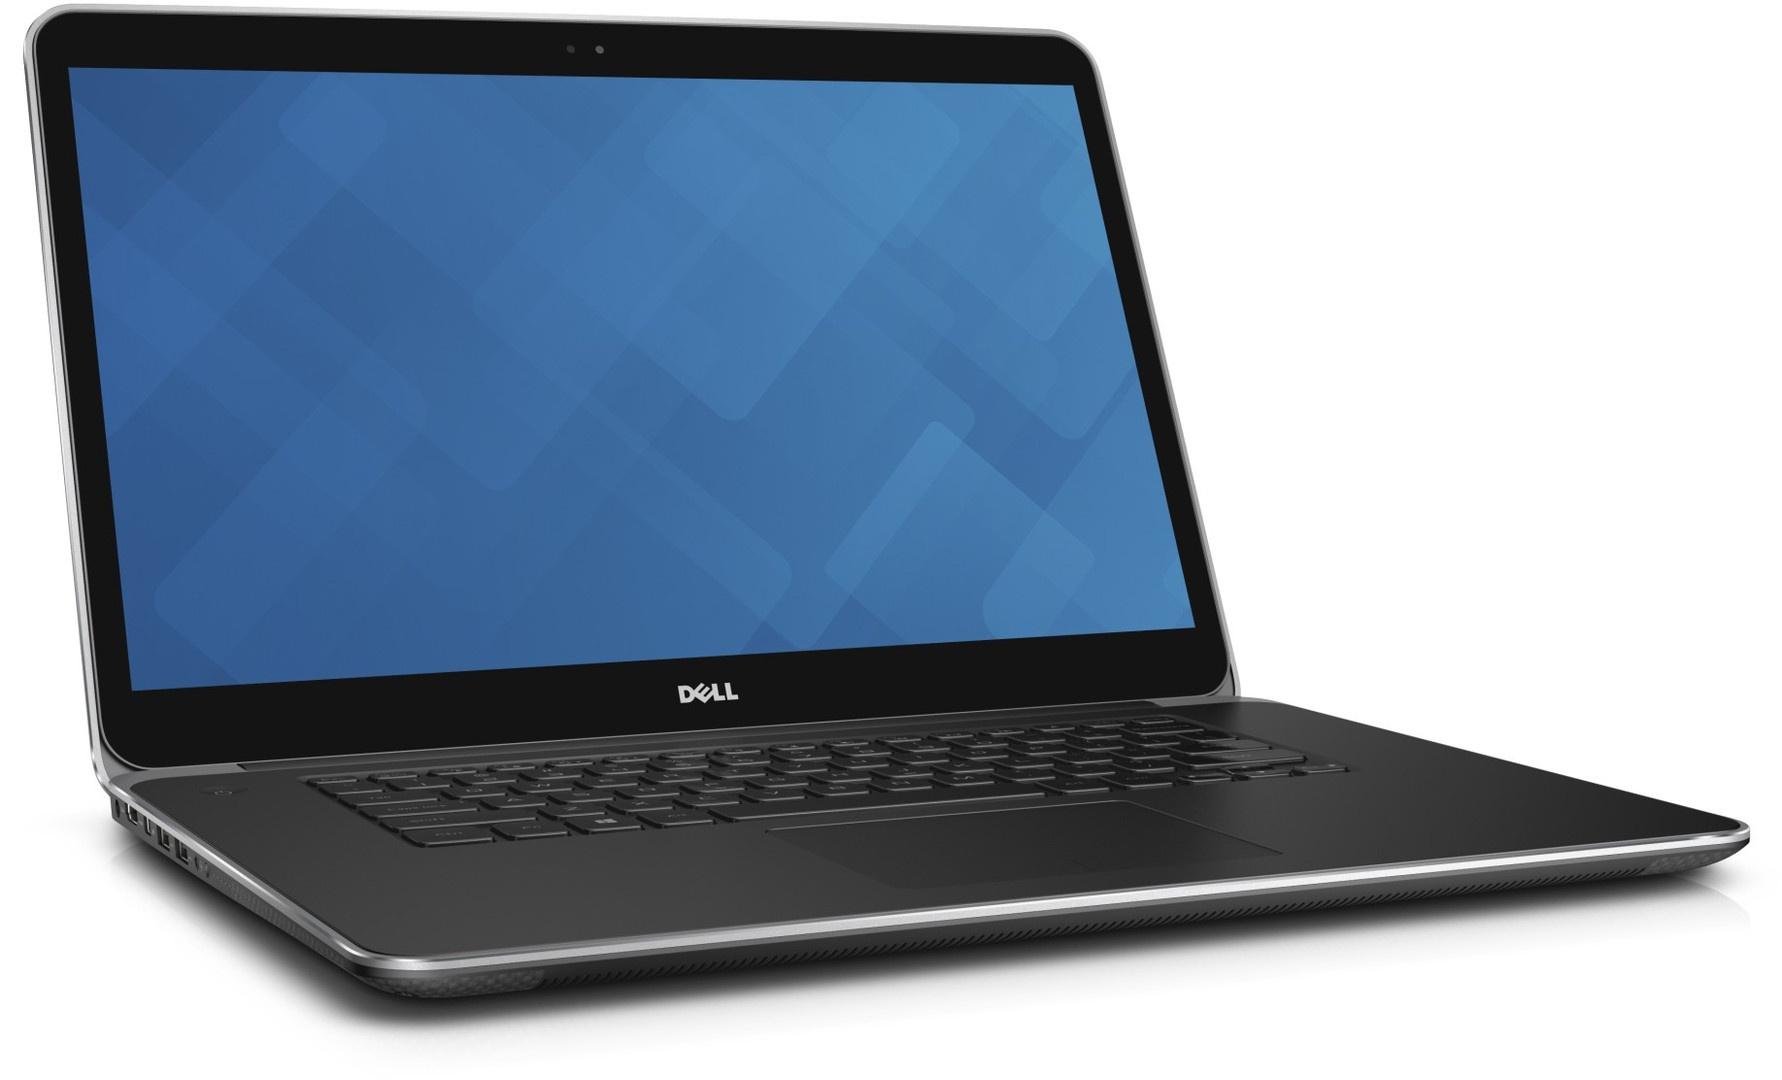 Dell Precision M3800 QHD